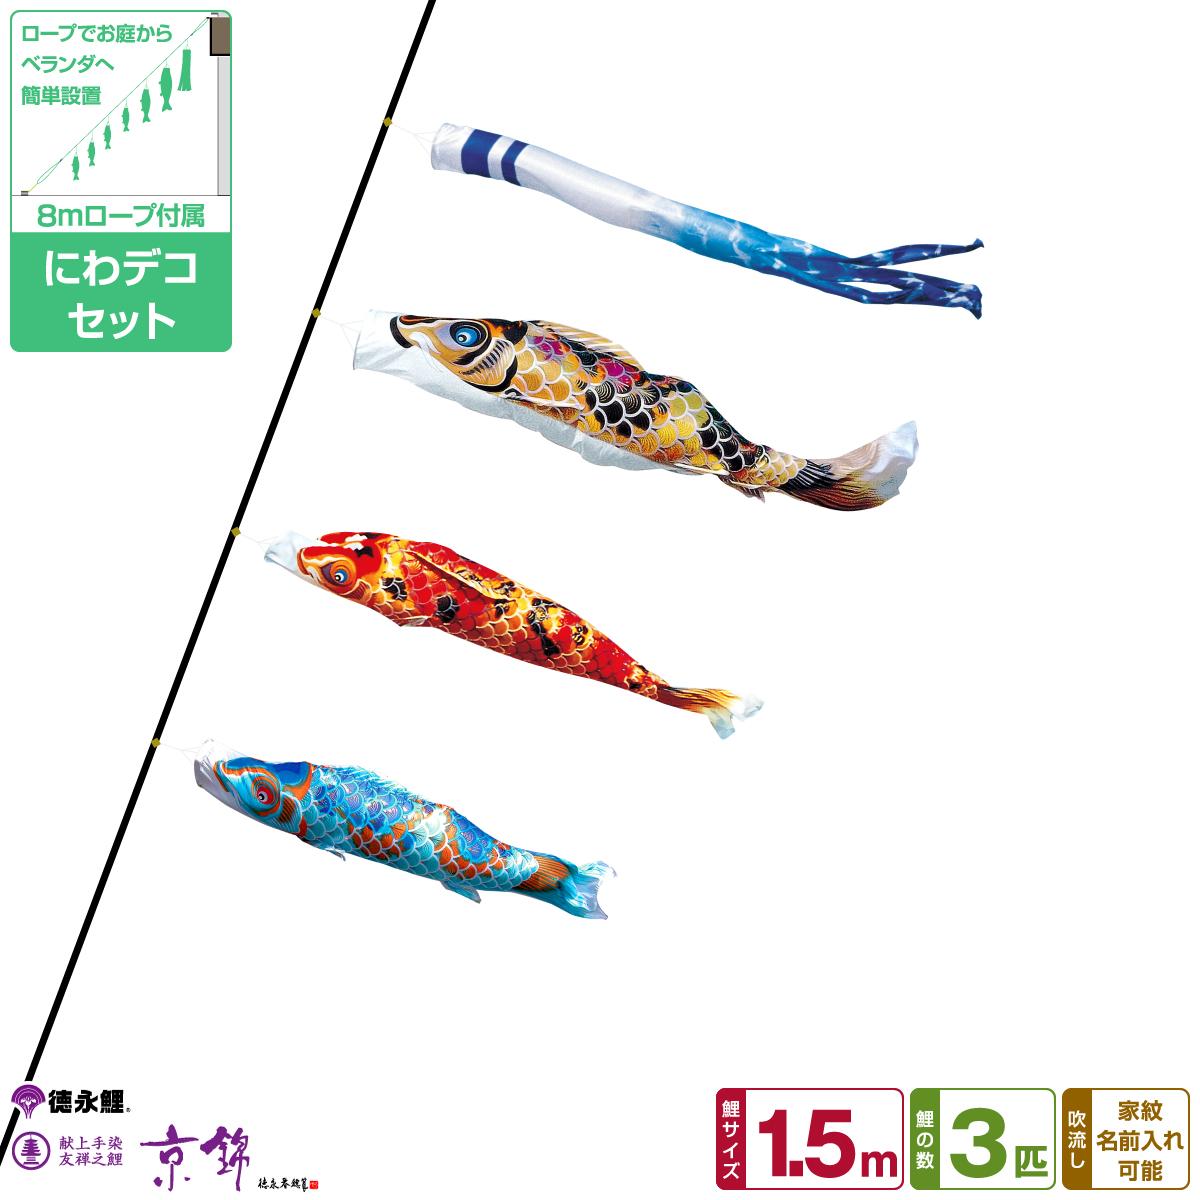 徳永鯉のぼり 京錦鯉 1.5m 6点セット にわデコセット 2019年初節句 端午の節句 こどもの日 こいのぼり